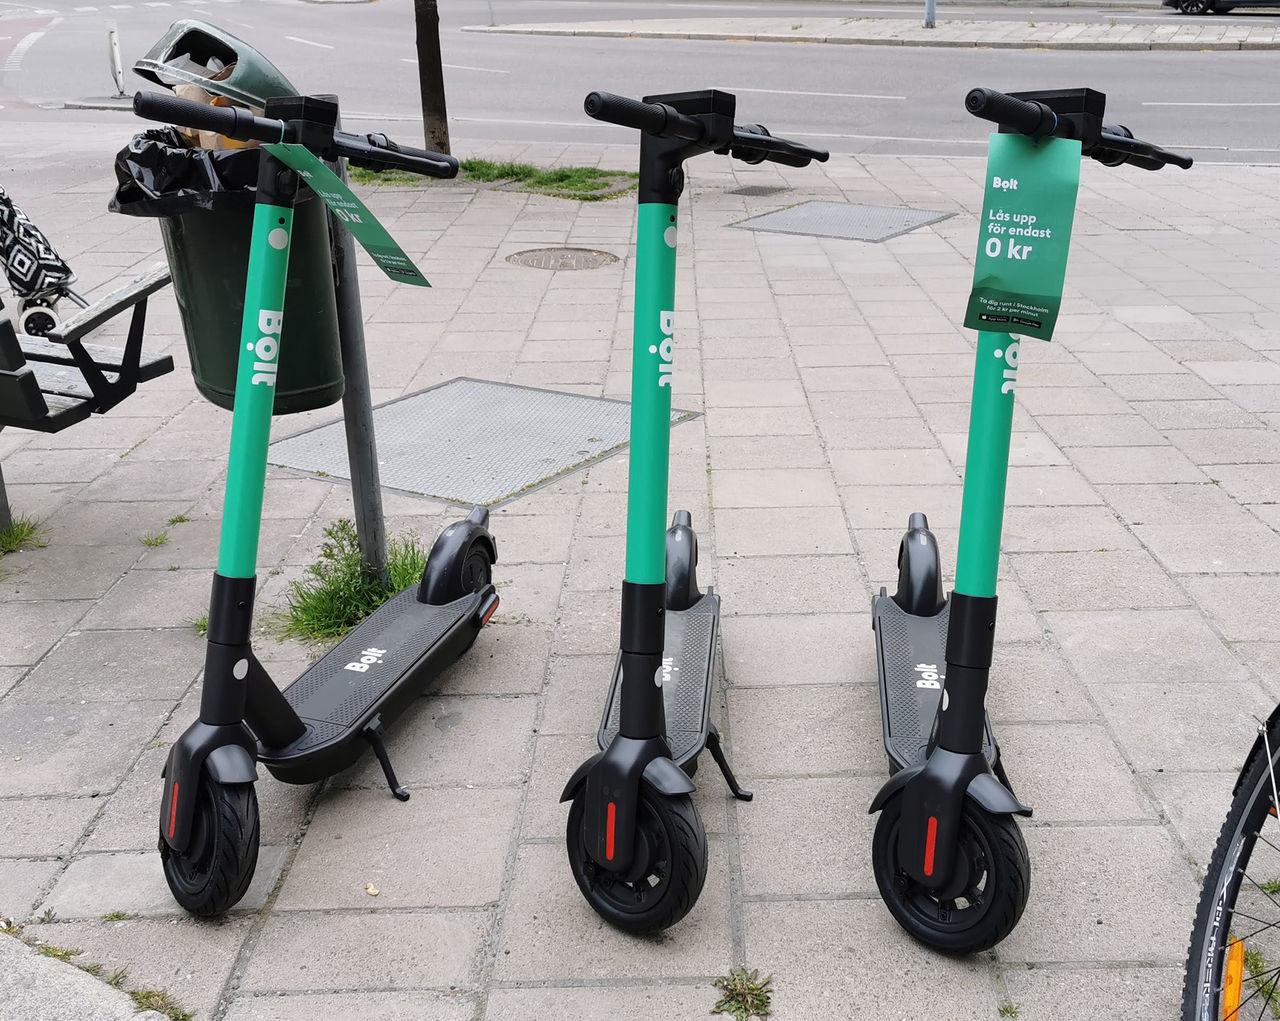 Det ska inte krävas tillstånd för att hyra ut elsparkcyklar